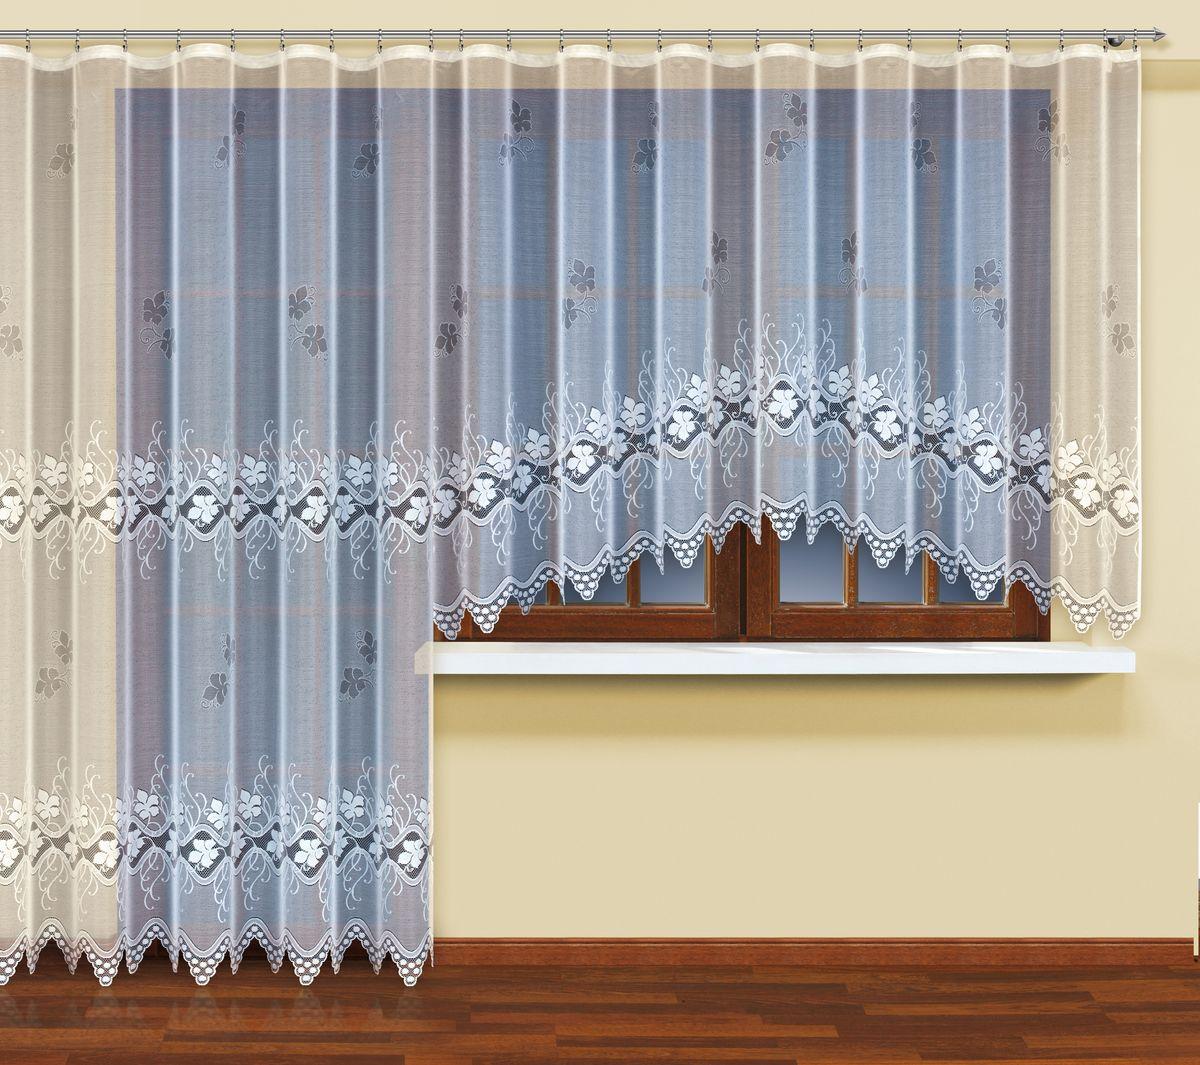 Комплект балконный HAFT 400*160+200*250. 222571SVC-300Комплект балконный XAFT 400*160+200*250. 222571Материал: 100% п/э, размер: 400*160+200*250, цвет: белый